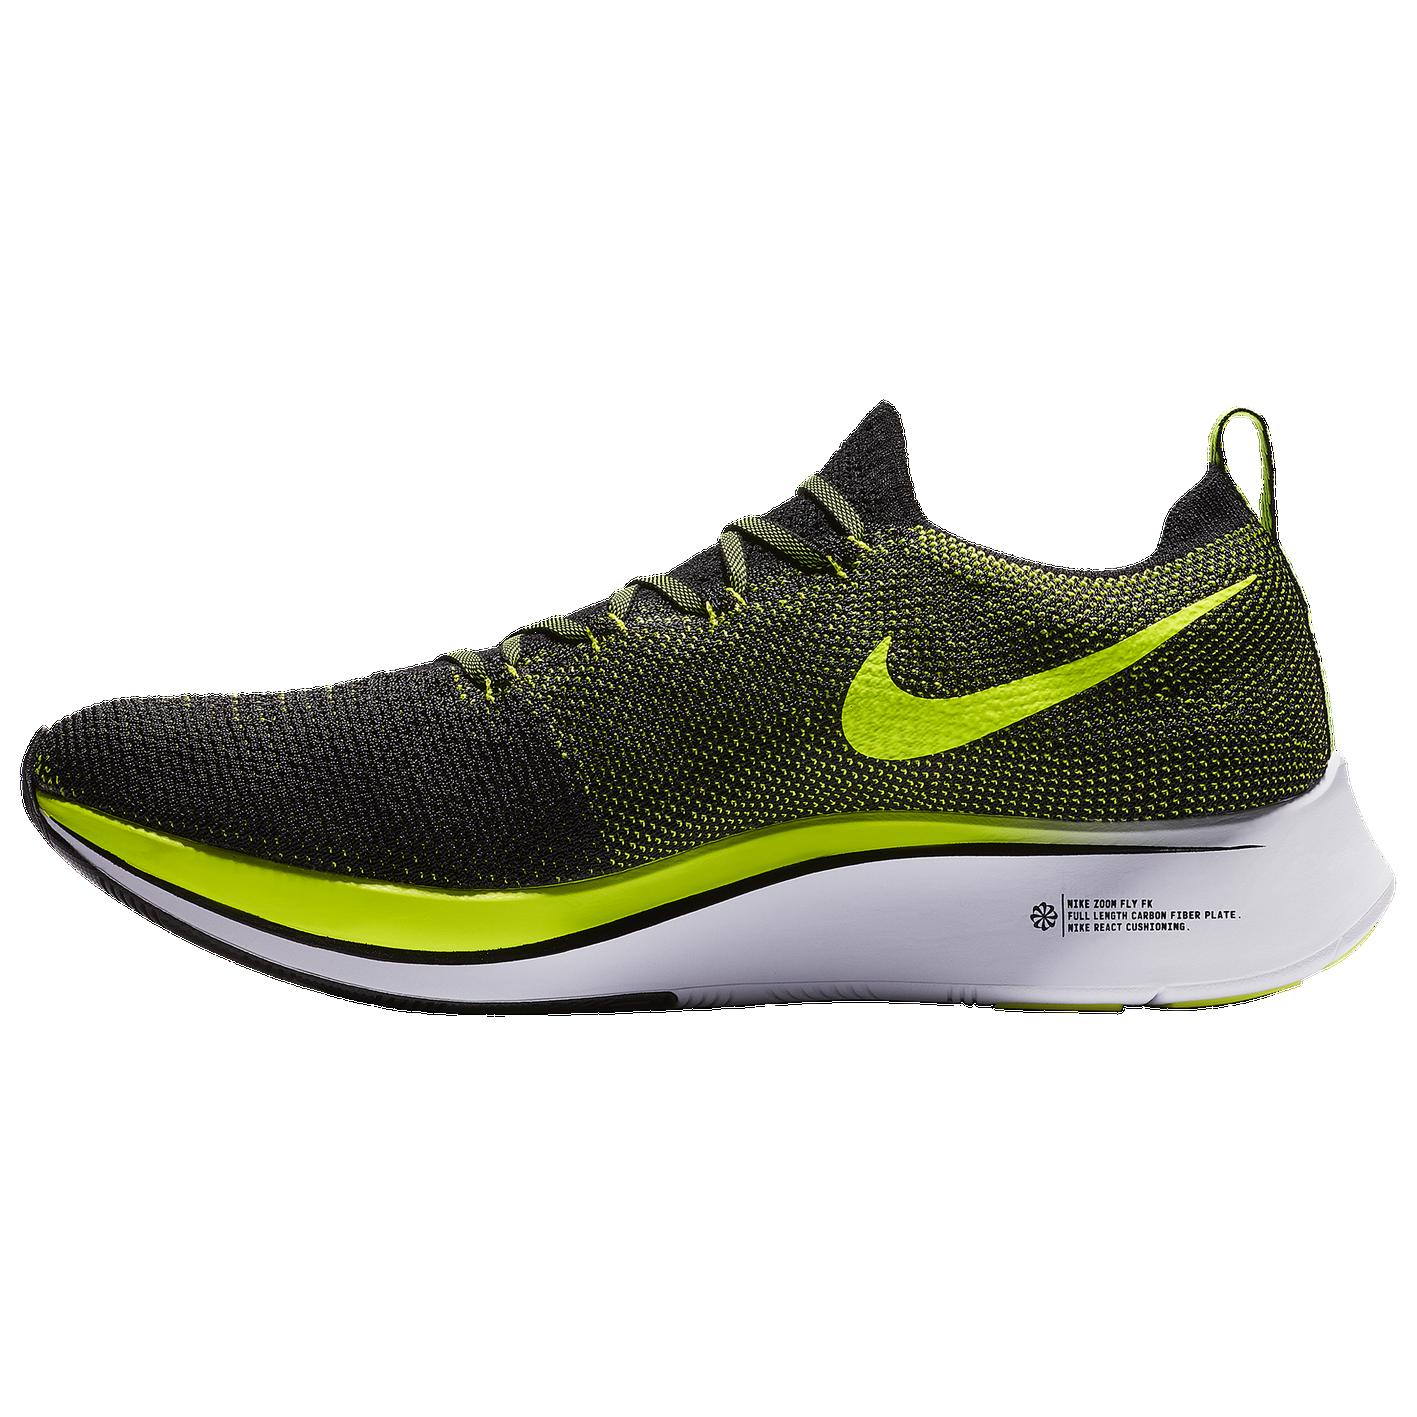 8ced686735da Nike Zoom Fly Flyknit - Men s - Track   Field - Shoes - Black Volt